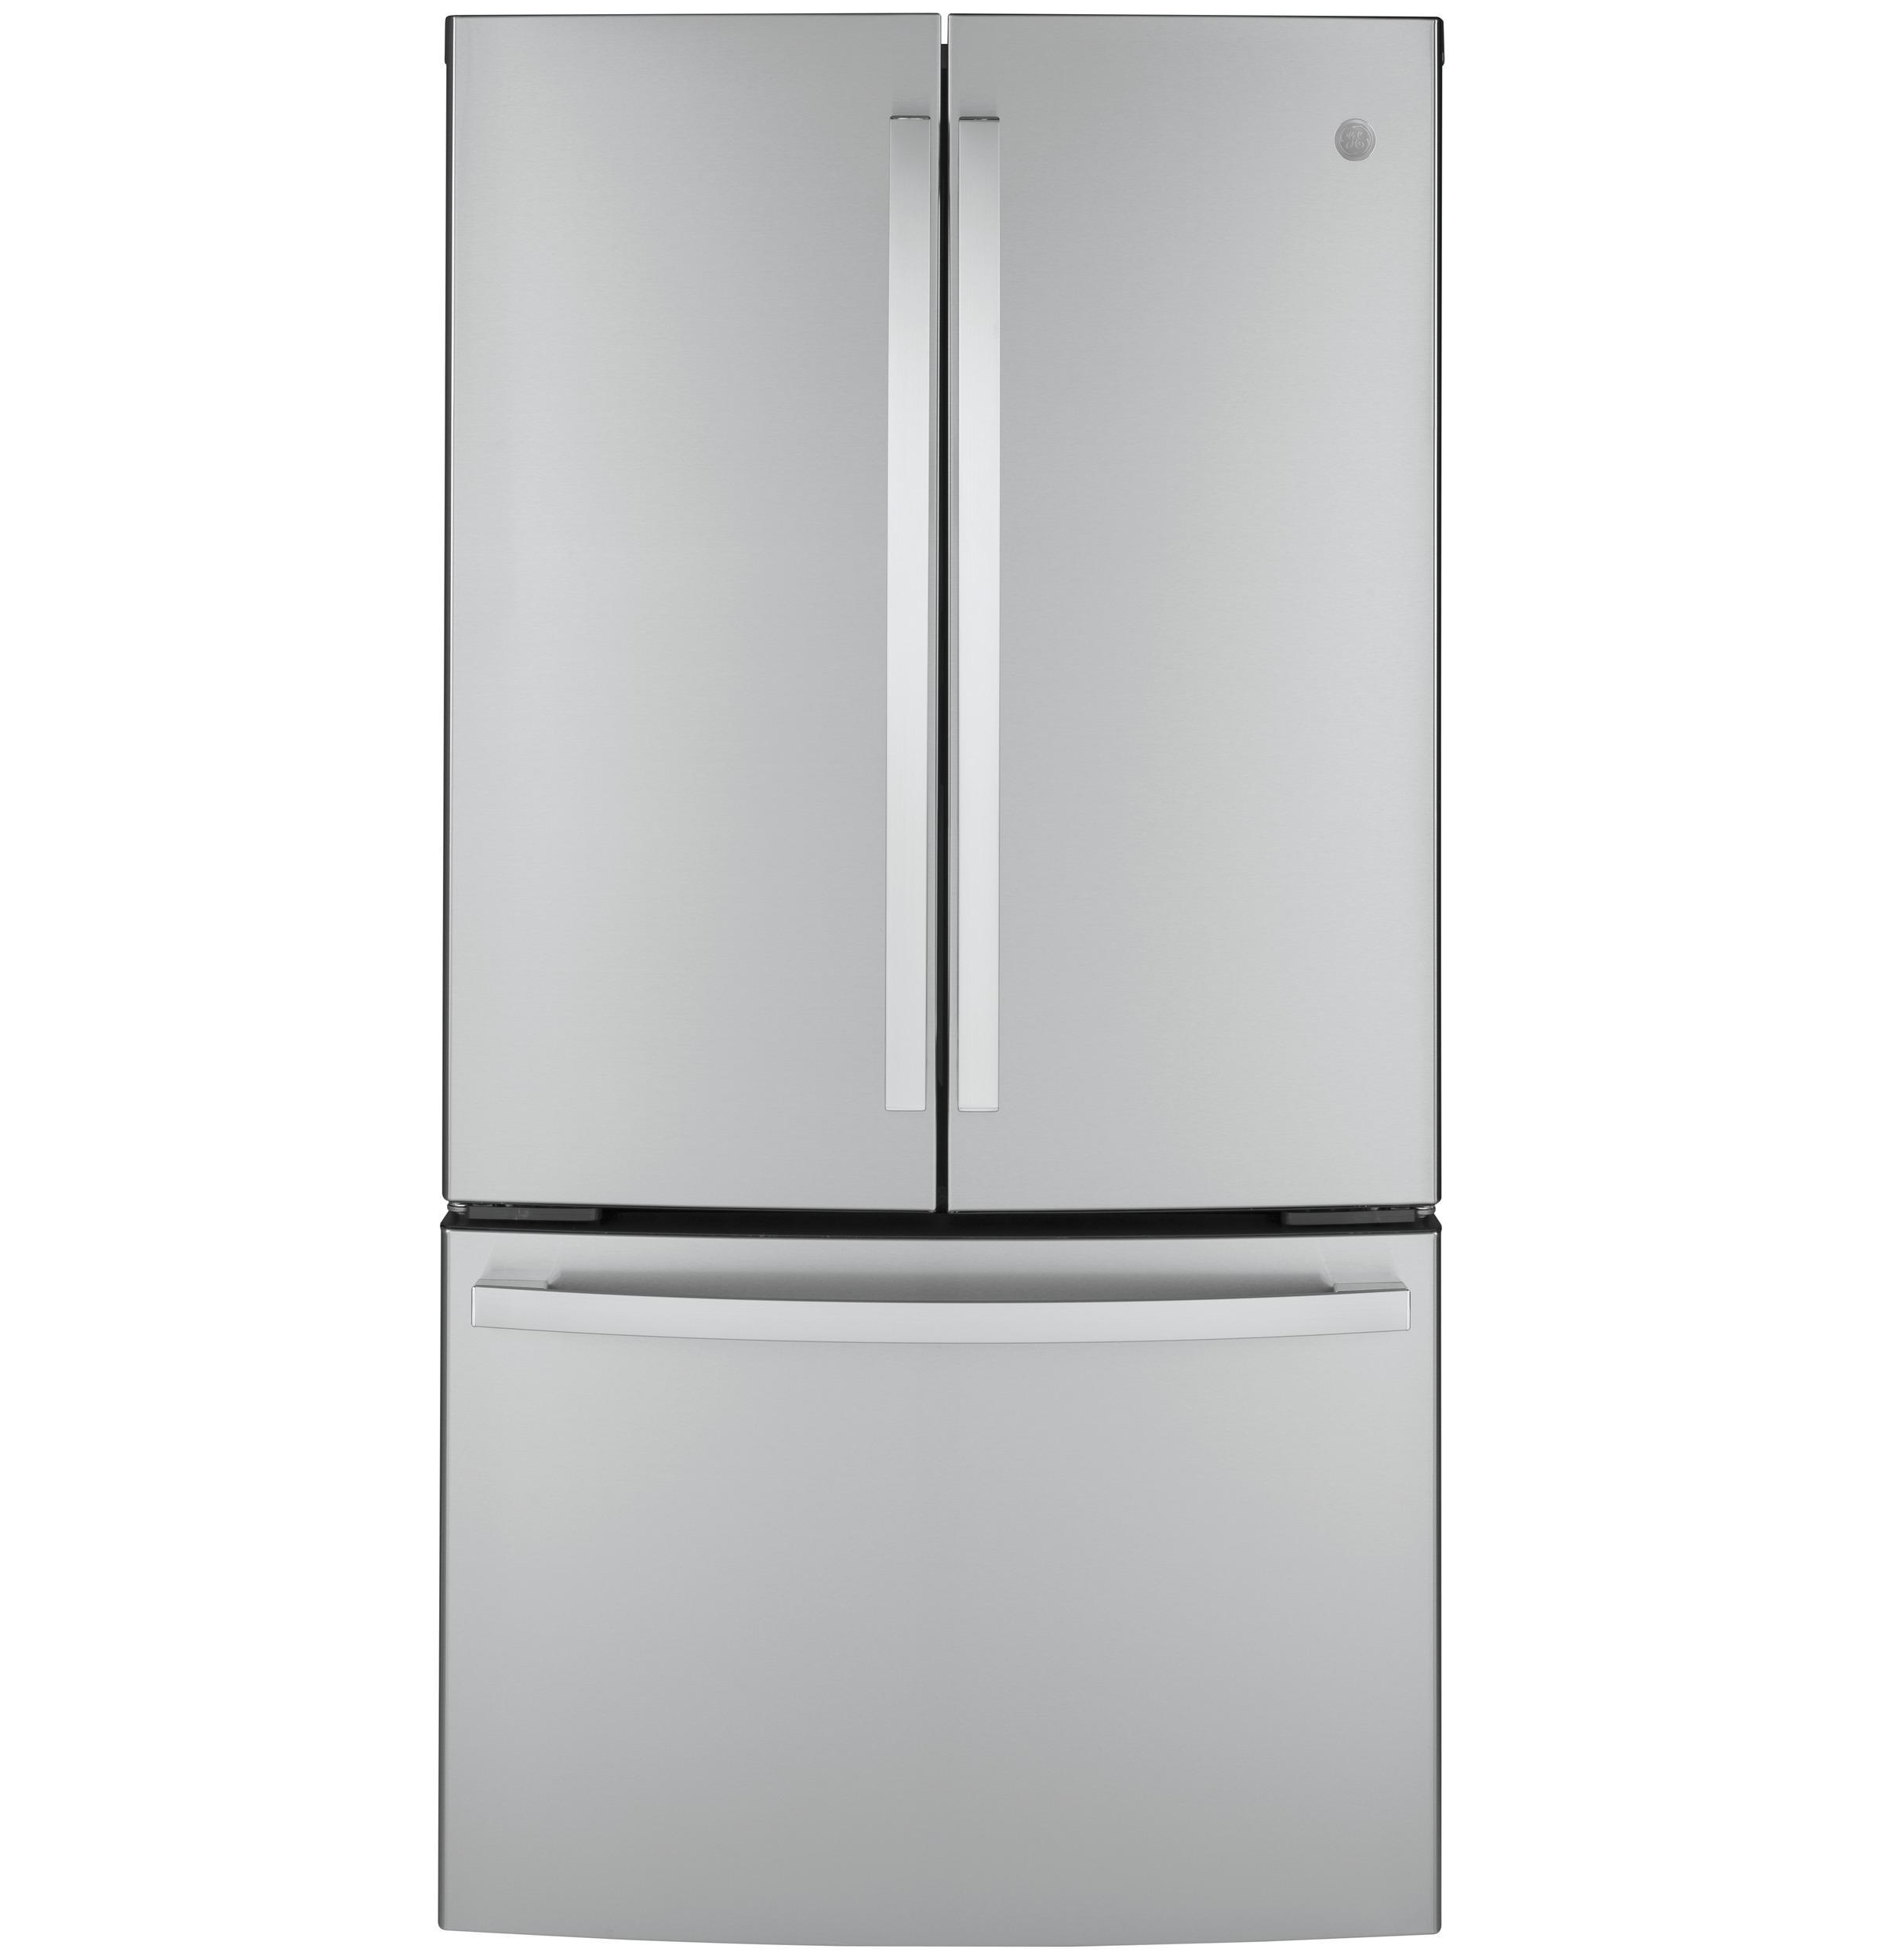 GEEnergy Star® 23.1 Cu. Ft. Counter-Depth Fingerprint Resistant French-Door Refrigerator